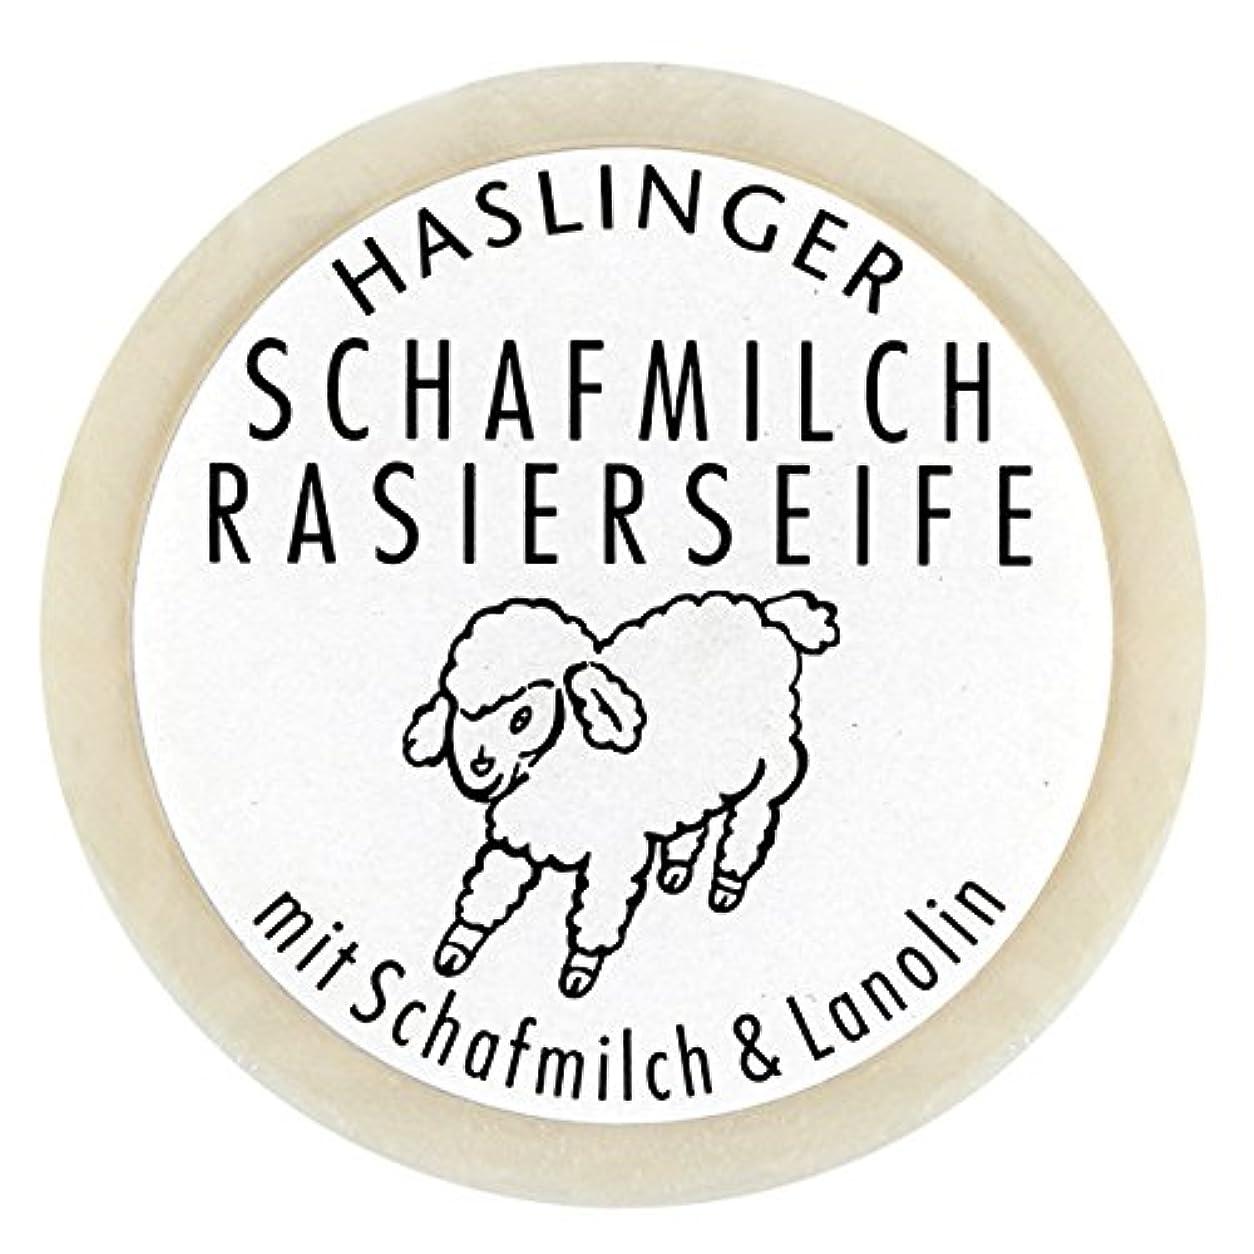 懺悔賭け気体のSchafmilch Rasierseife (Ewe`s Milk Shave Soap) 60g soap bar by Haslinger by Haslinger